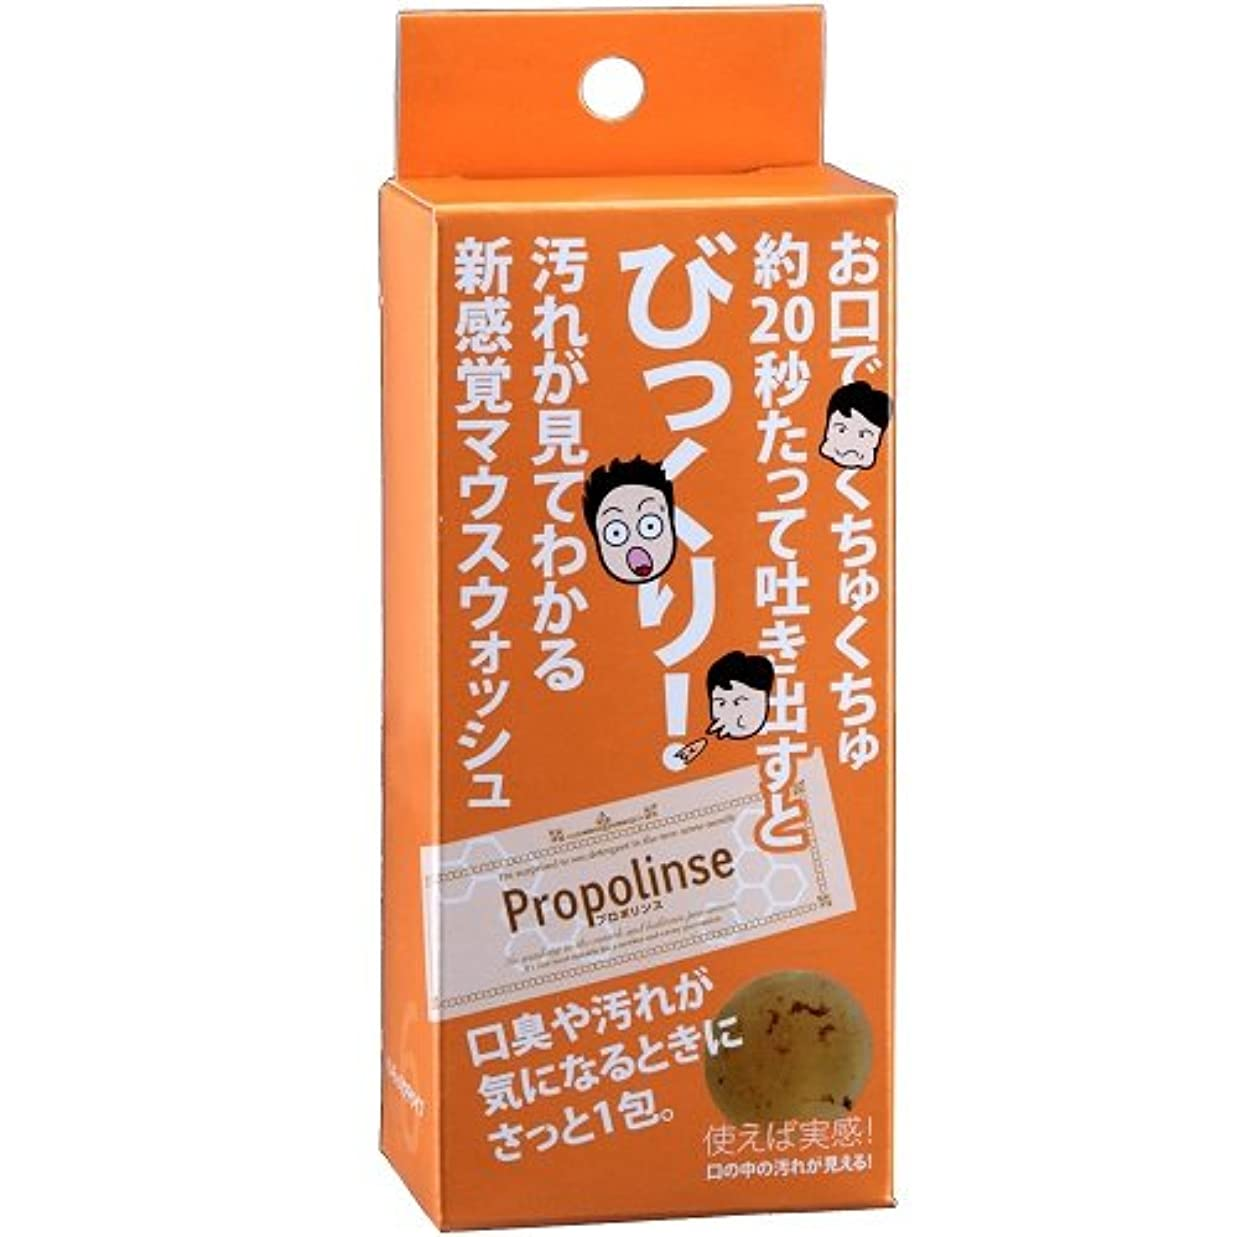 味リッチ細部プロポリンス ハンディーパウチ(6包) 10個セット